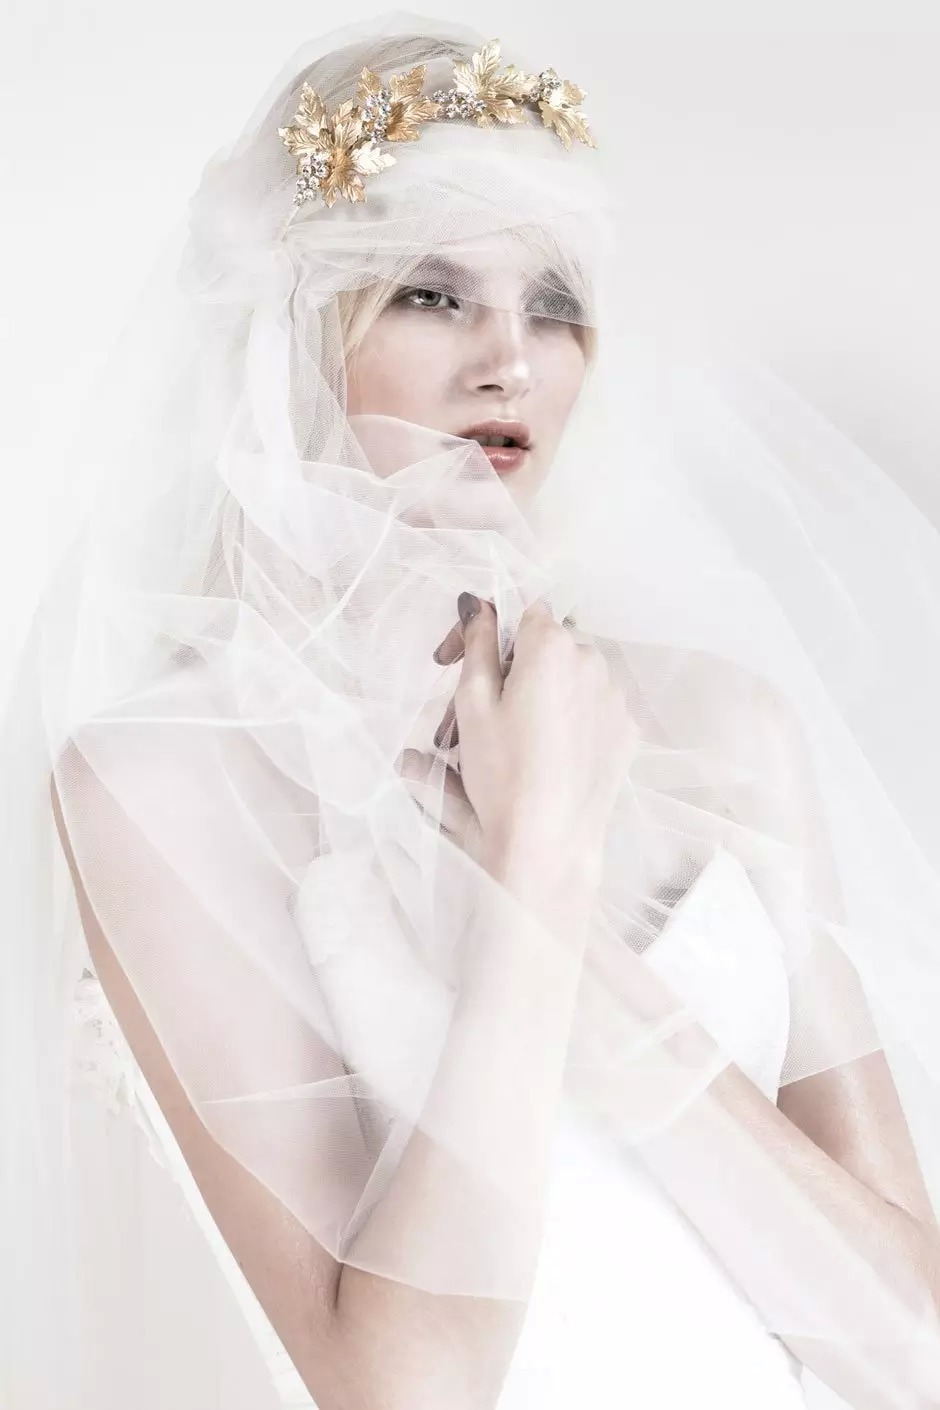 来自澳洲的婚纱设计师mariana hardwick于近日发布了她的最新系列,有